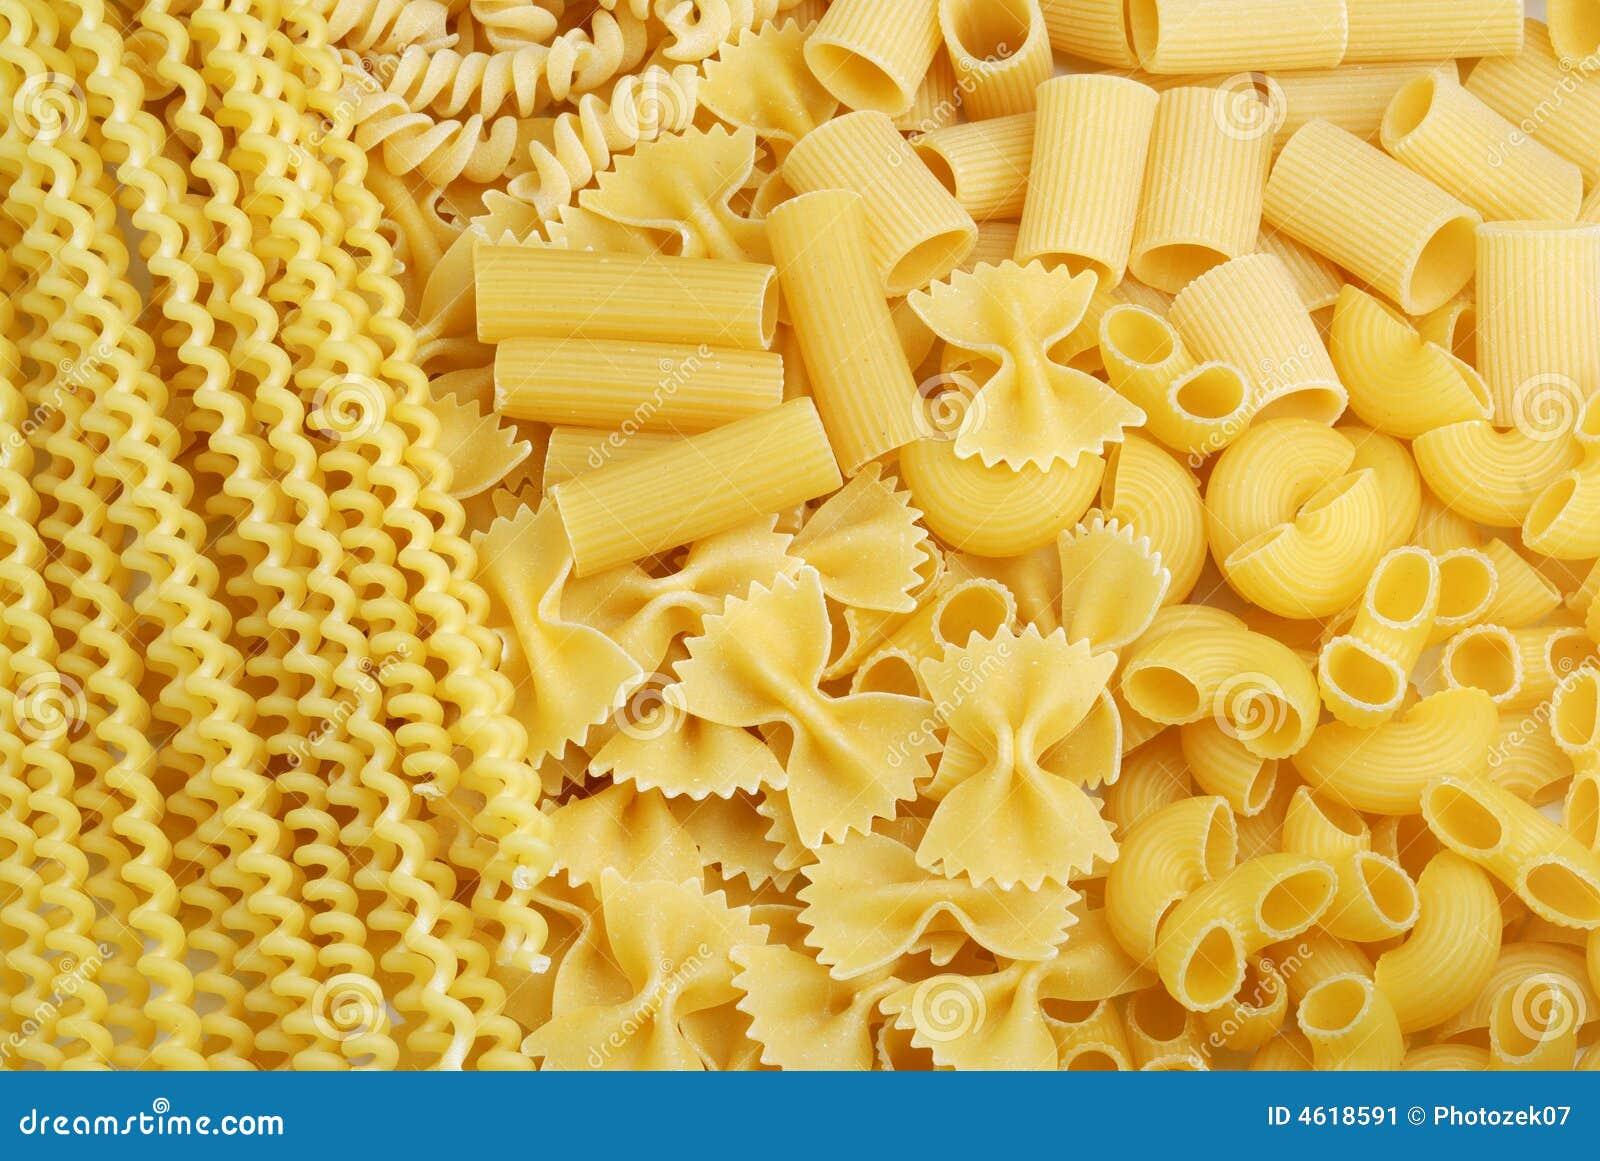 背景意大利人意大利面食